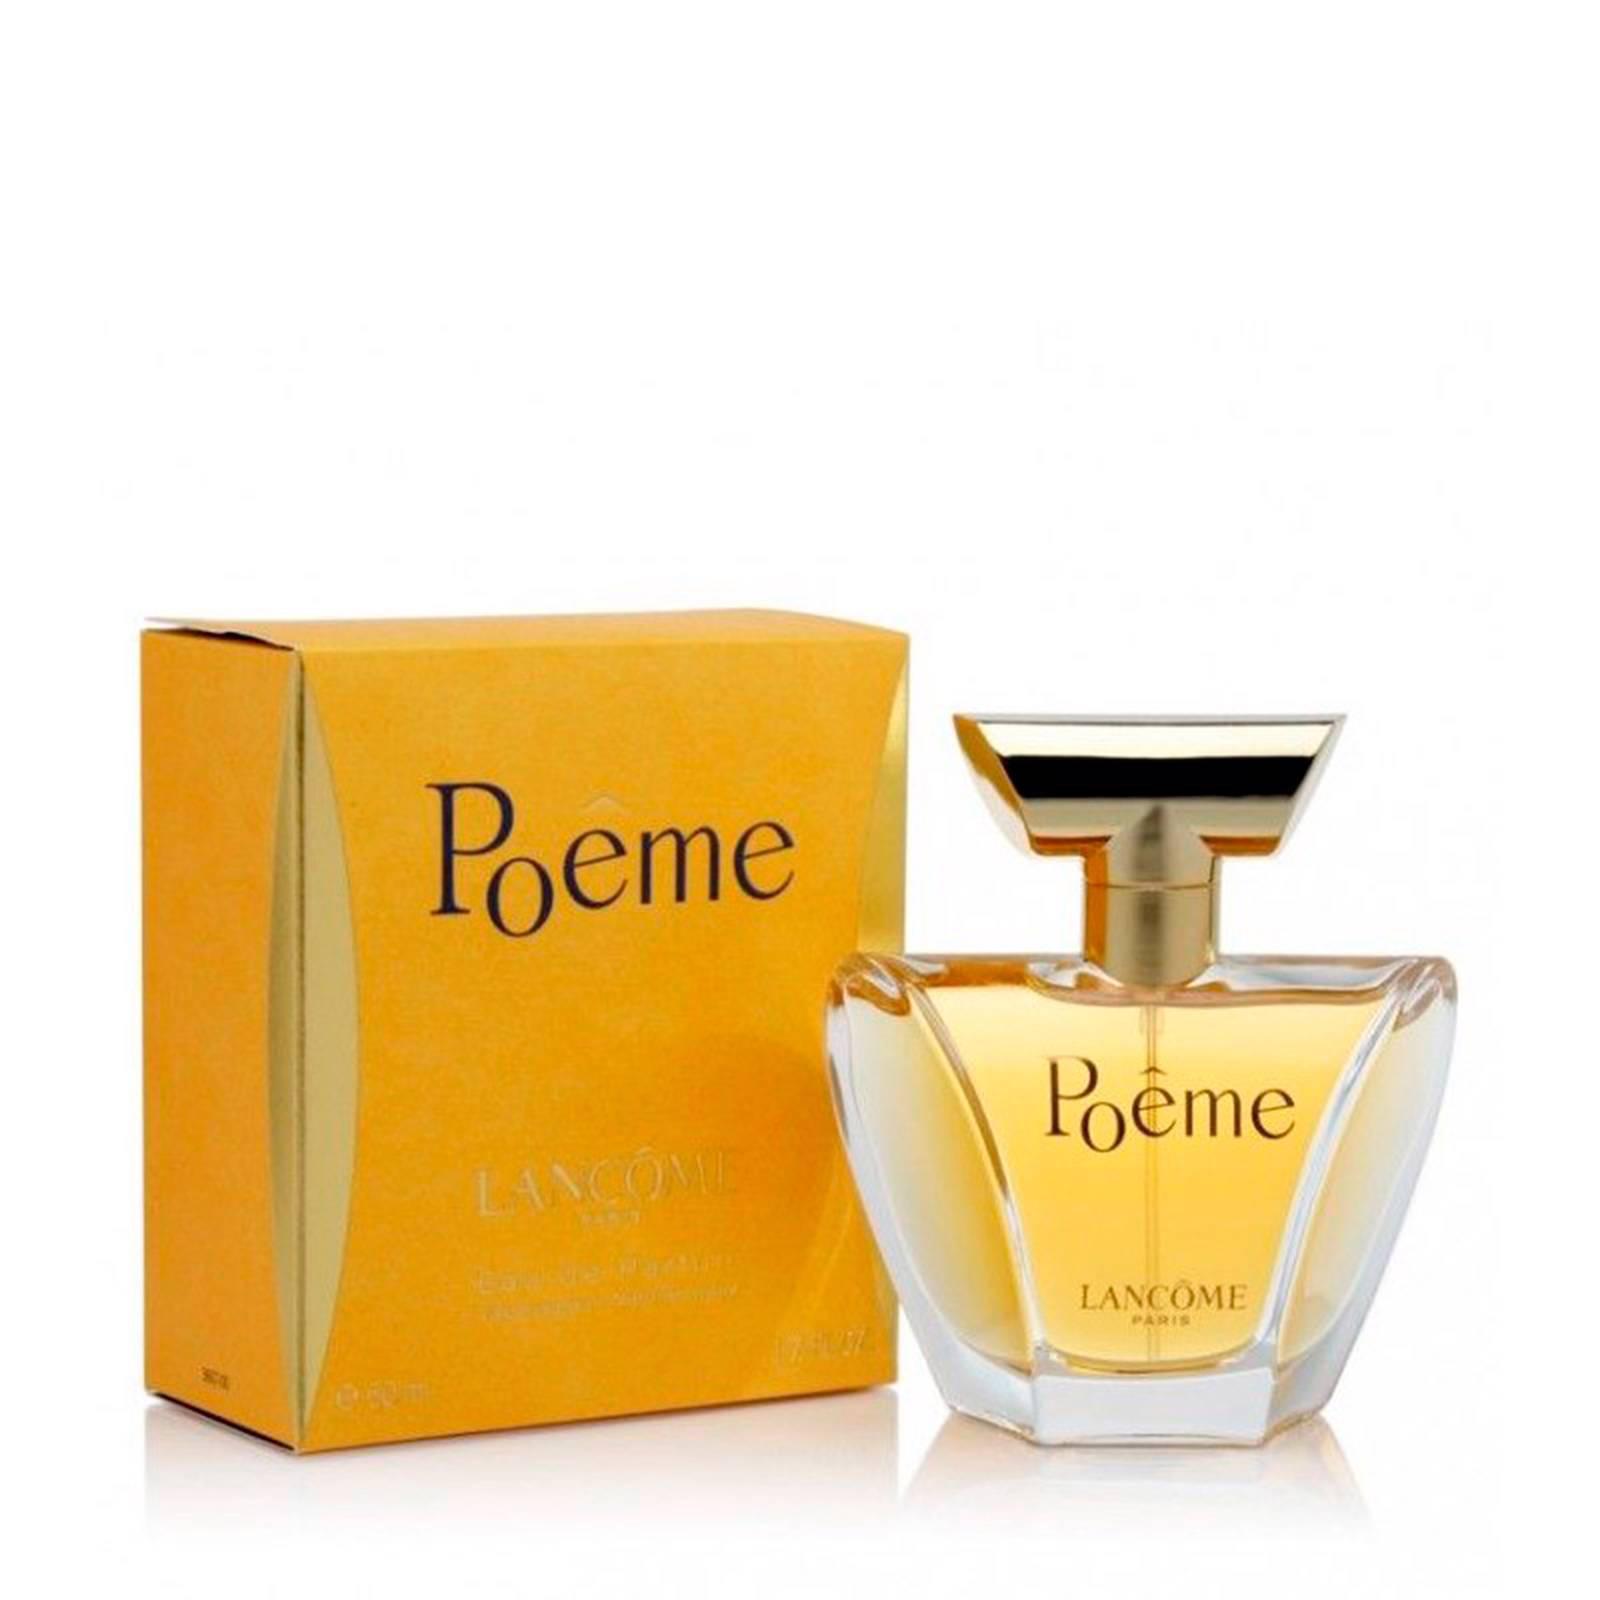 Poeme eau de parfum 30 ml